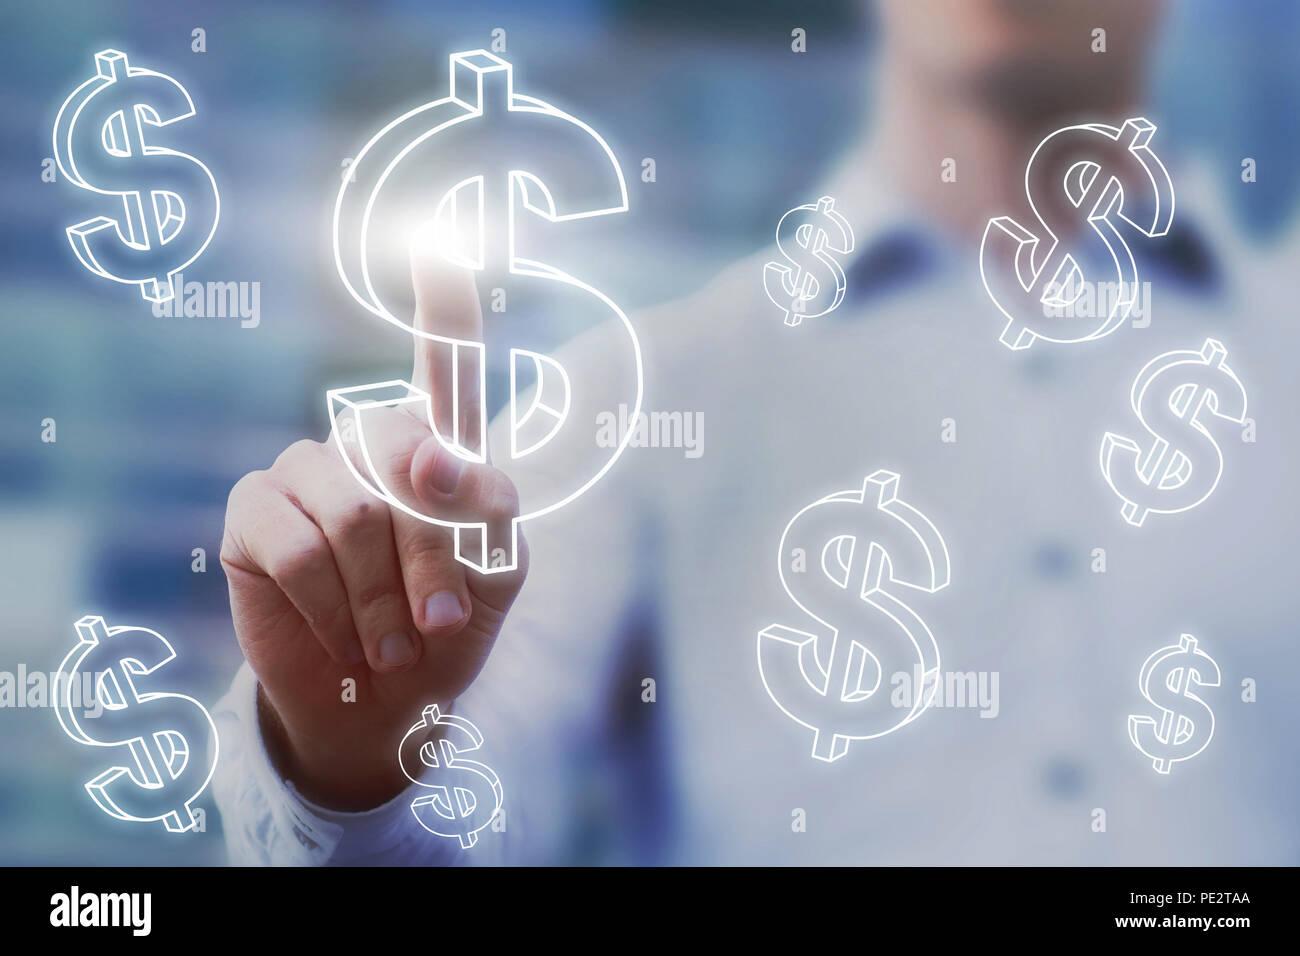 E-commerce oder Fundraising Finanzkonzept, Geld verdienen online, Geschäftsmann berühren virtuelle 3D-amerikanischen Dollar Zeichen, digital Finance und profitieren Investoren Stockbild